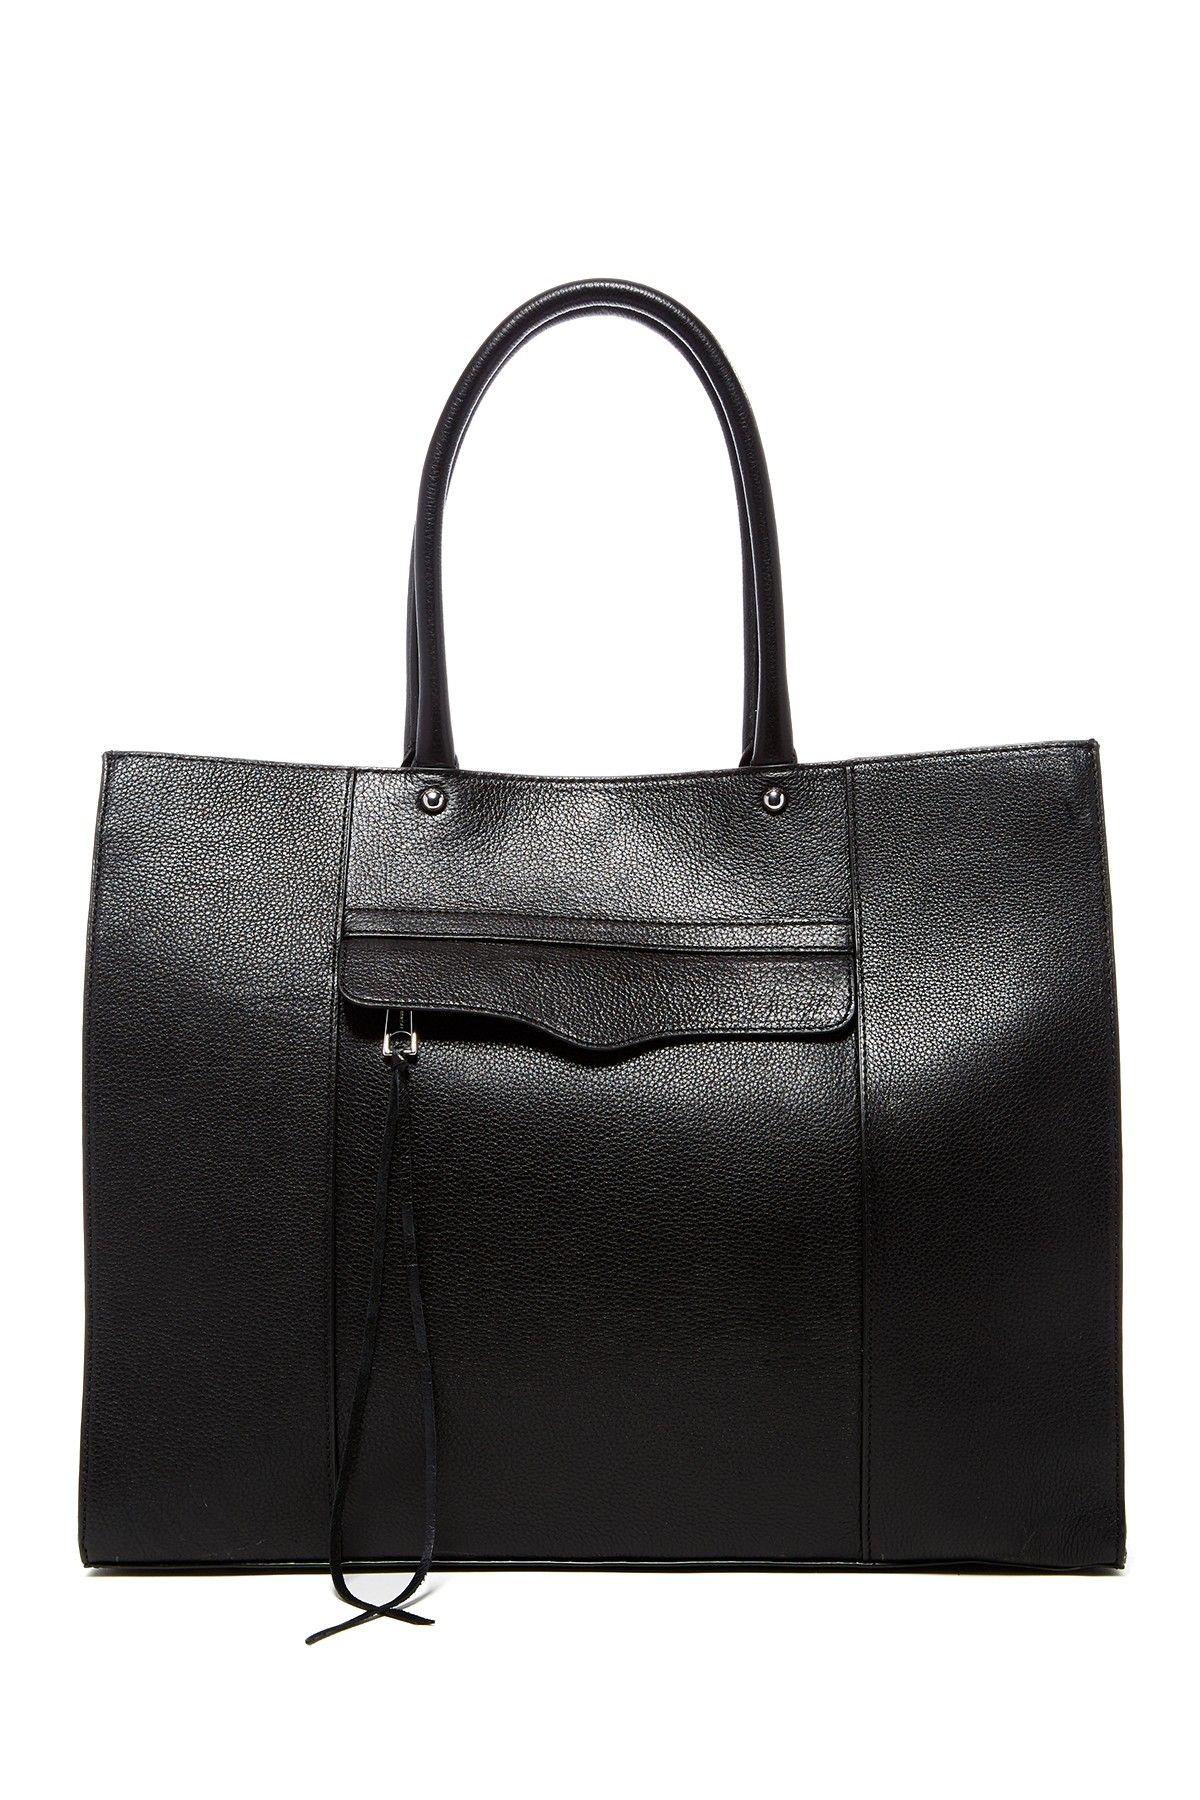 Rebecca Minkoff   Large Mab Oil Malaga Leather Tote   Leather totes ... fe60e40ac0